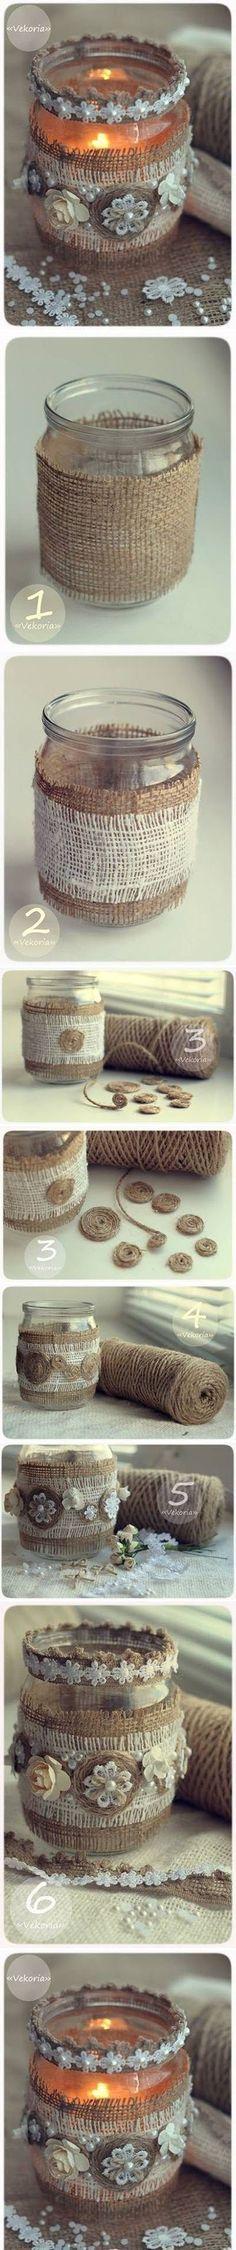 Beautiful Jar Craft | DIY & Crafts